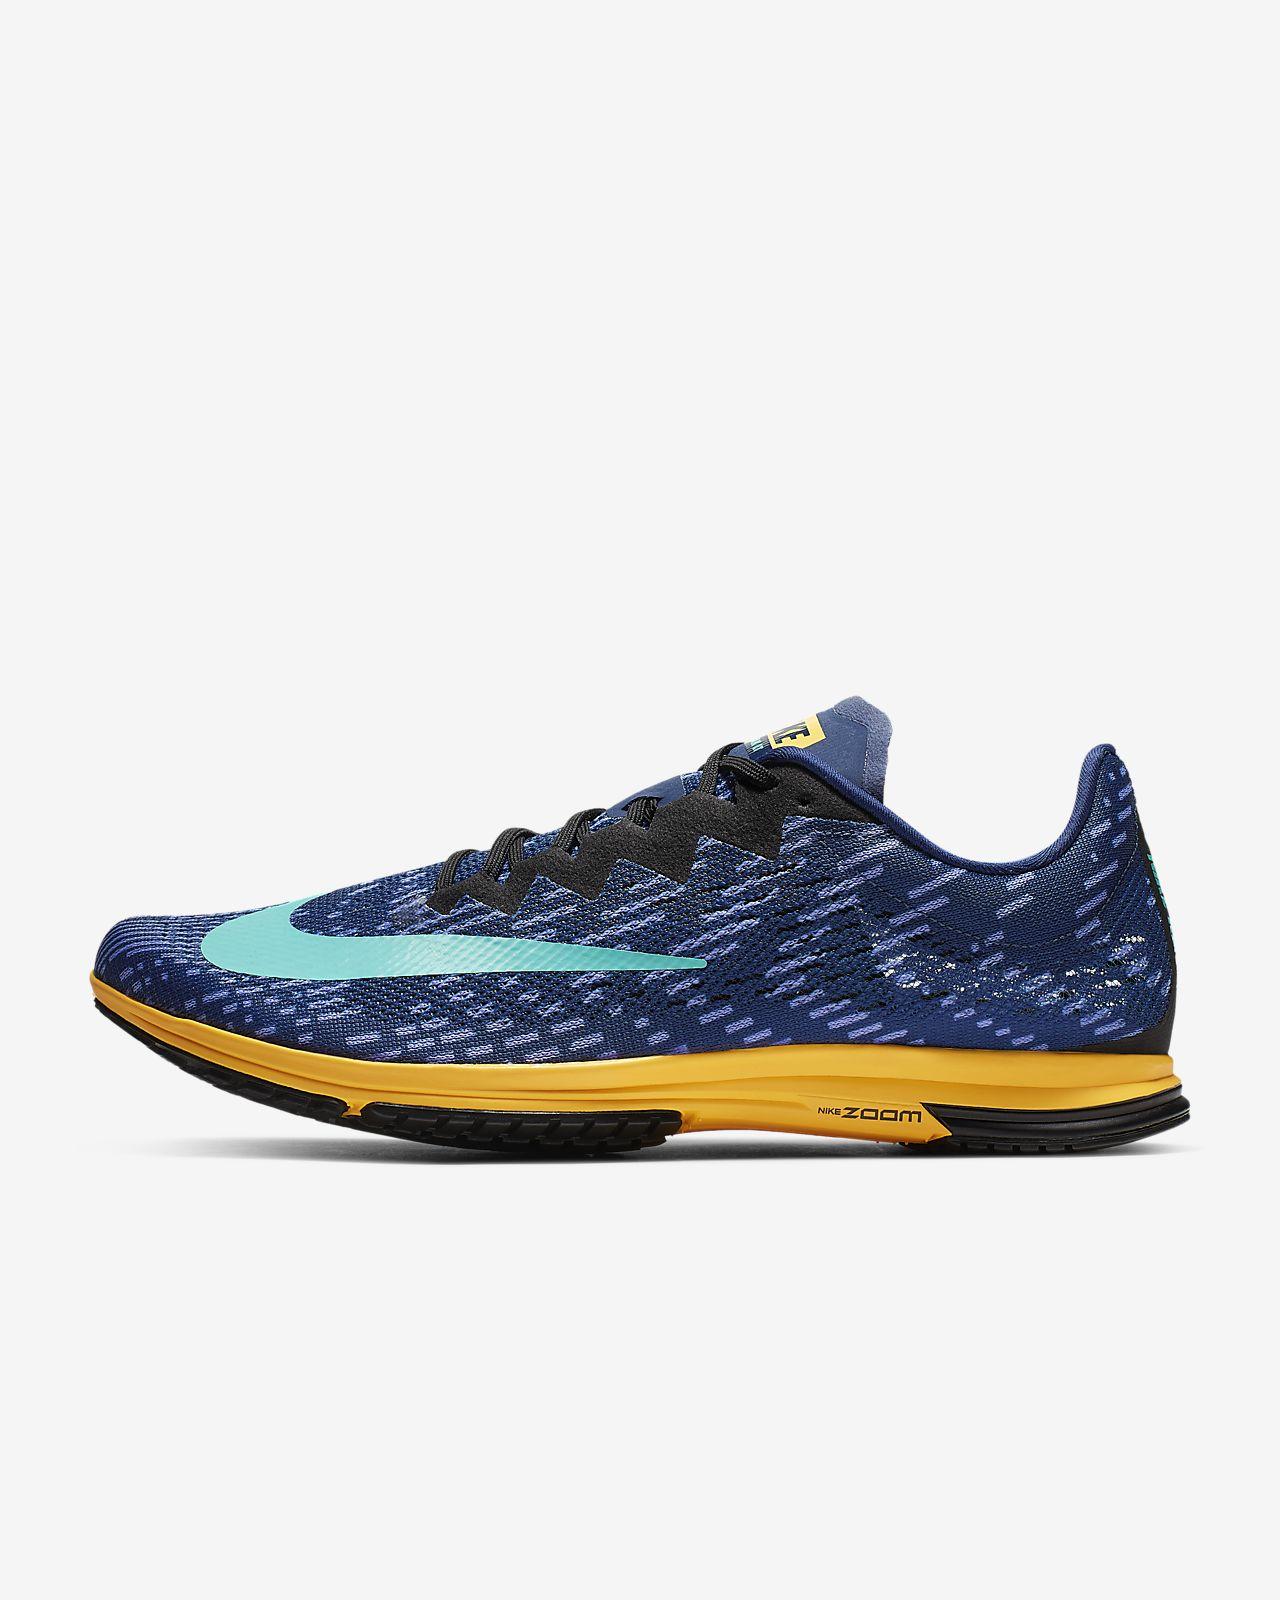 dc208b62fc954 Nike Air Zoom Streak LT 4 男 女跑步鞋耐克官网中国